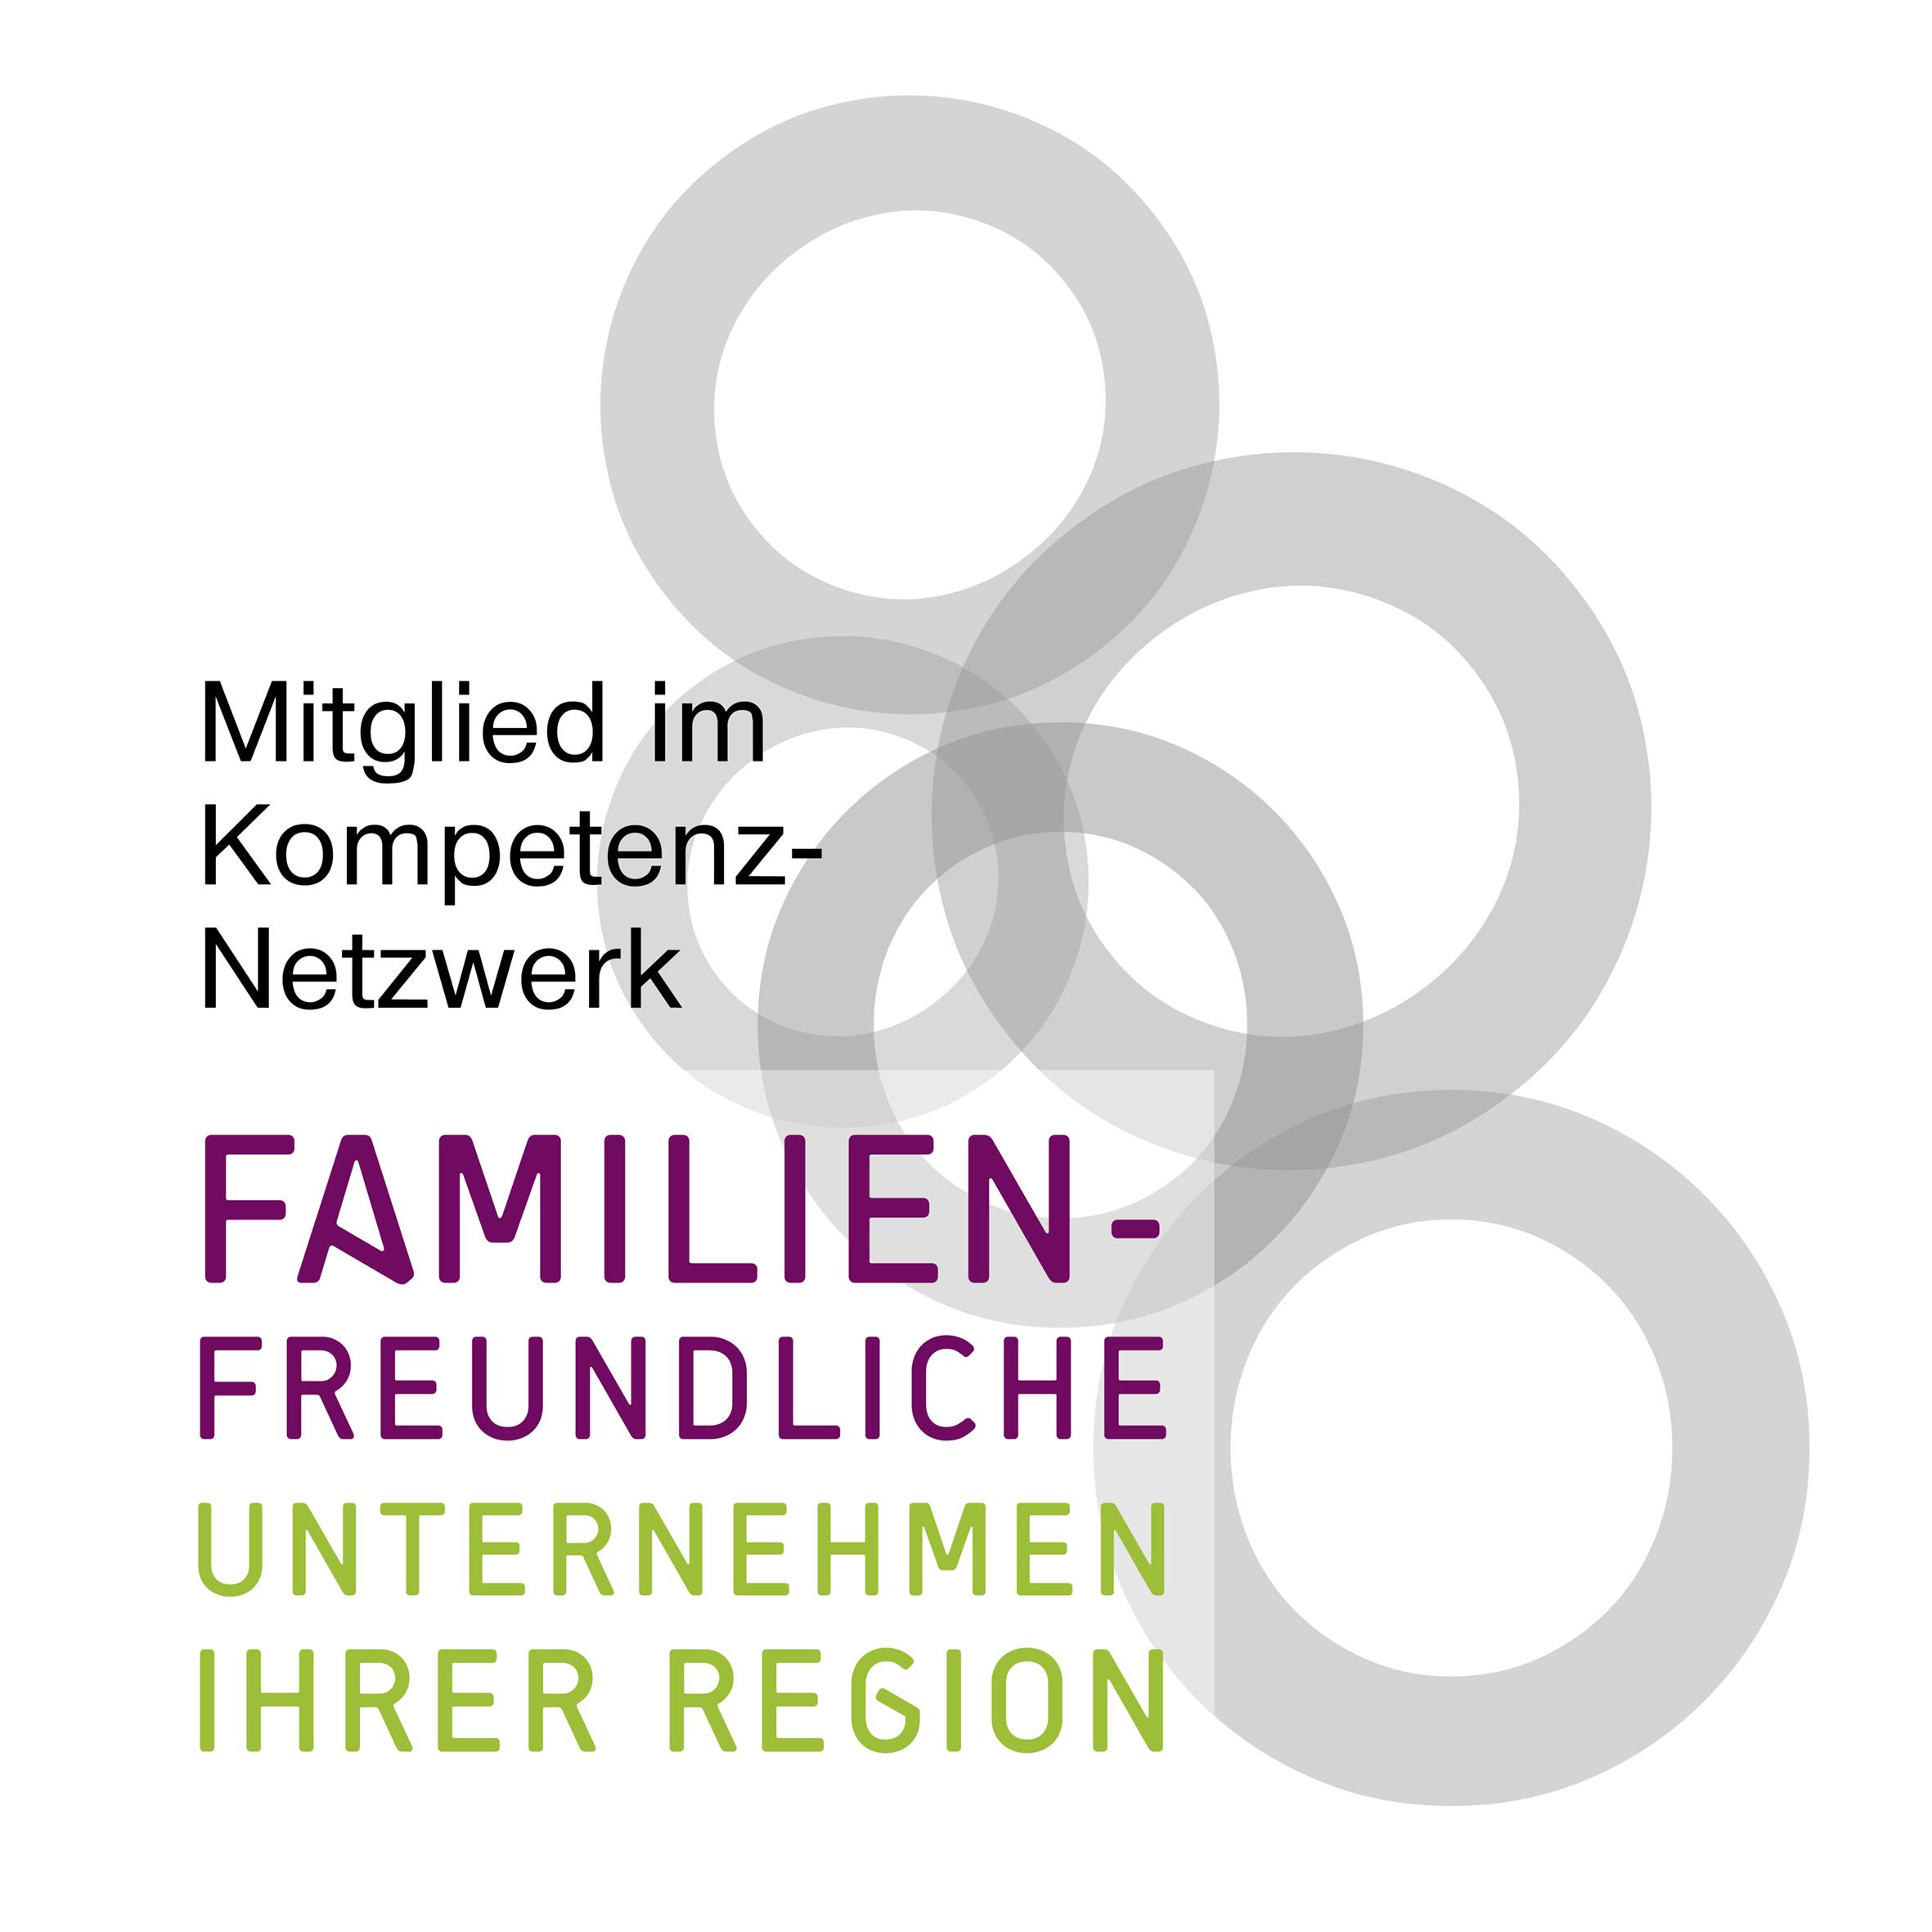 Familienfreundliche Unternehmen ihrer Region